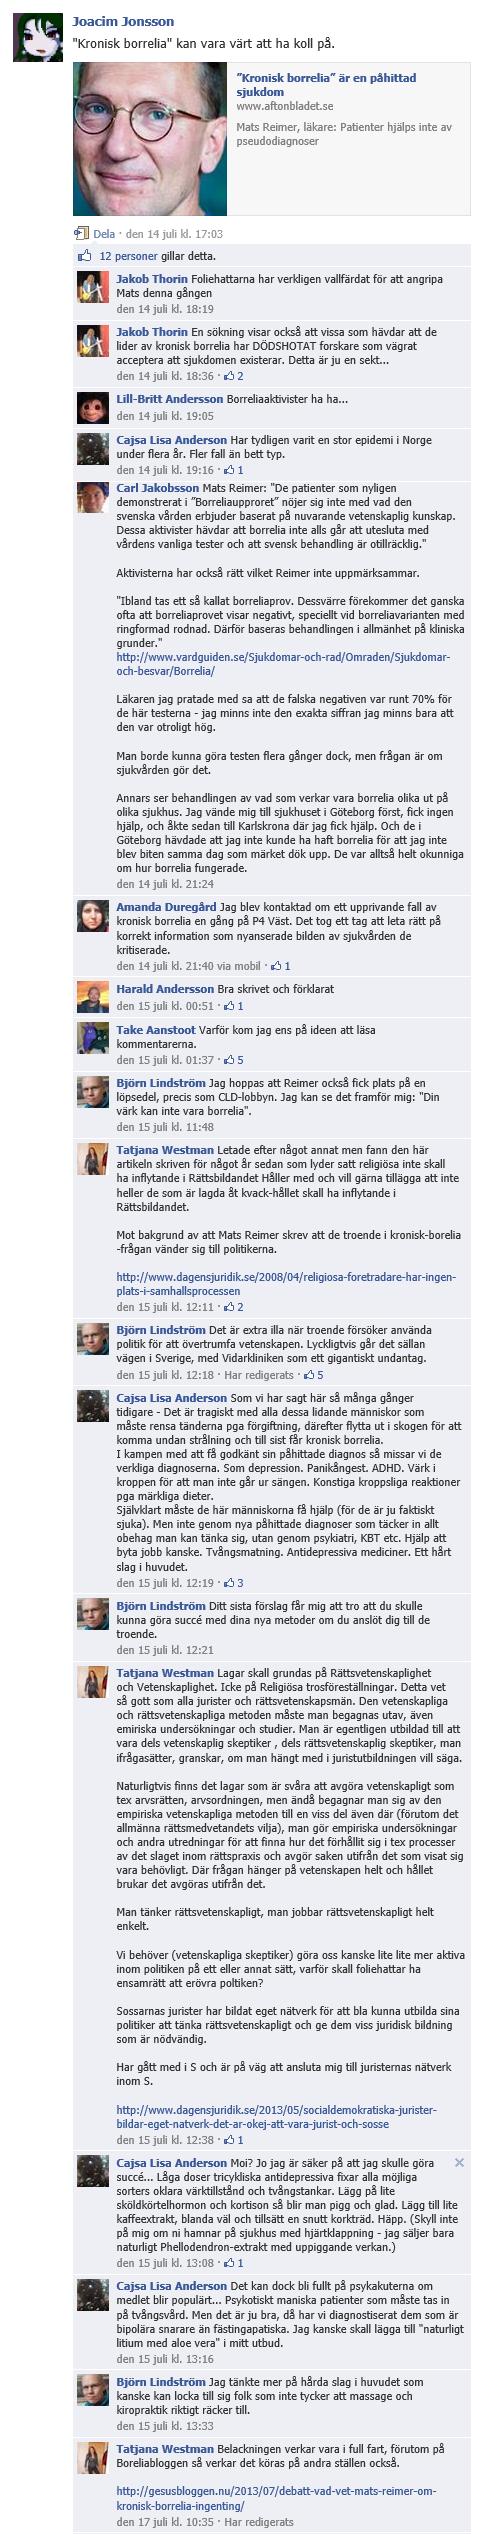 Cajsa Lisa Andersson, Mats Reimer, Borrelia, Facebook